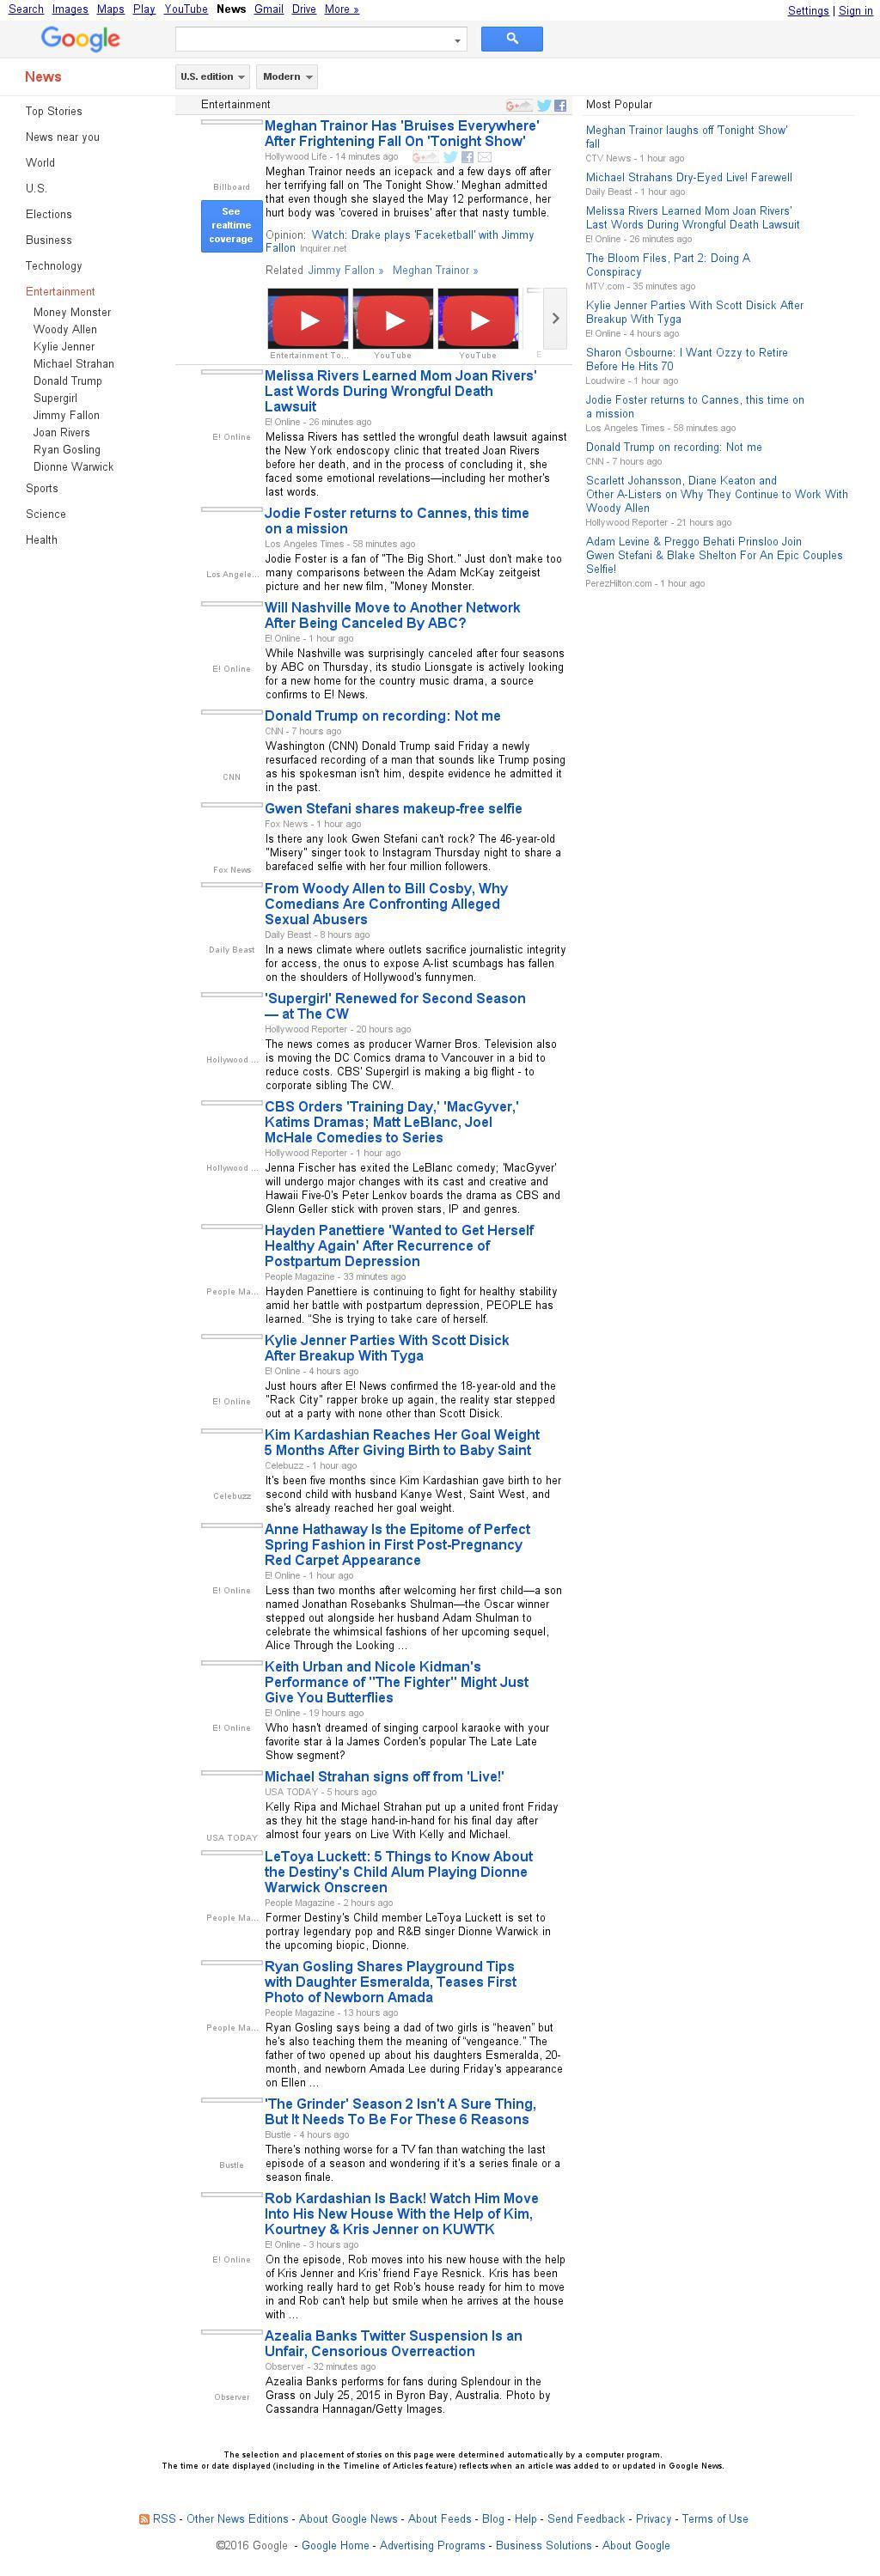 Google News: Entertainment at Friday May 13, 2016, 7:07 p.m. UTC